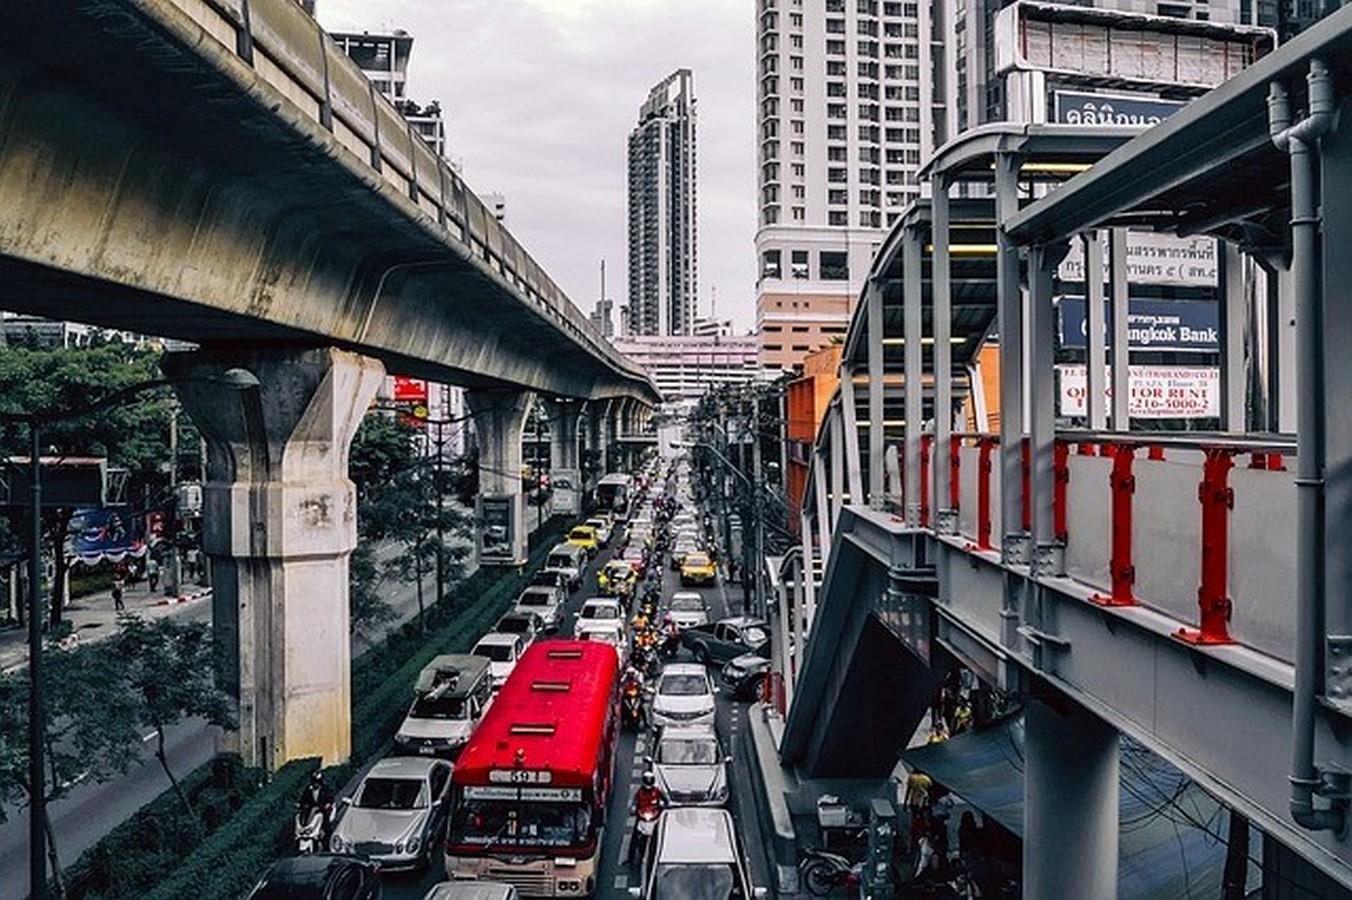 Rethinking urban transport architecture of India - RTF   Rethinking The Future Sheet2